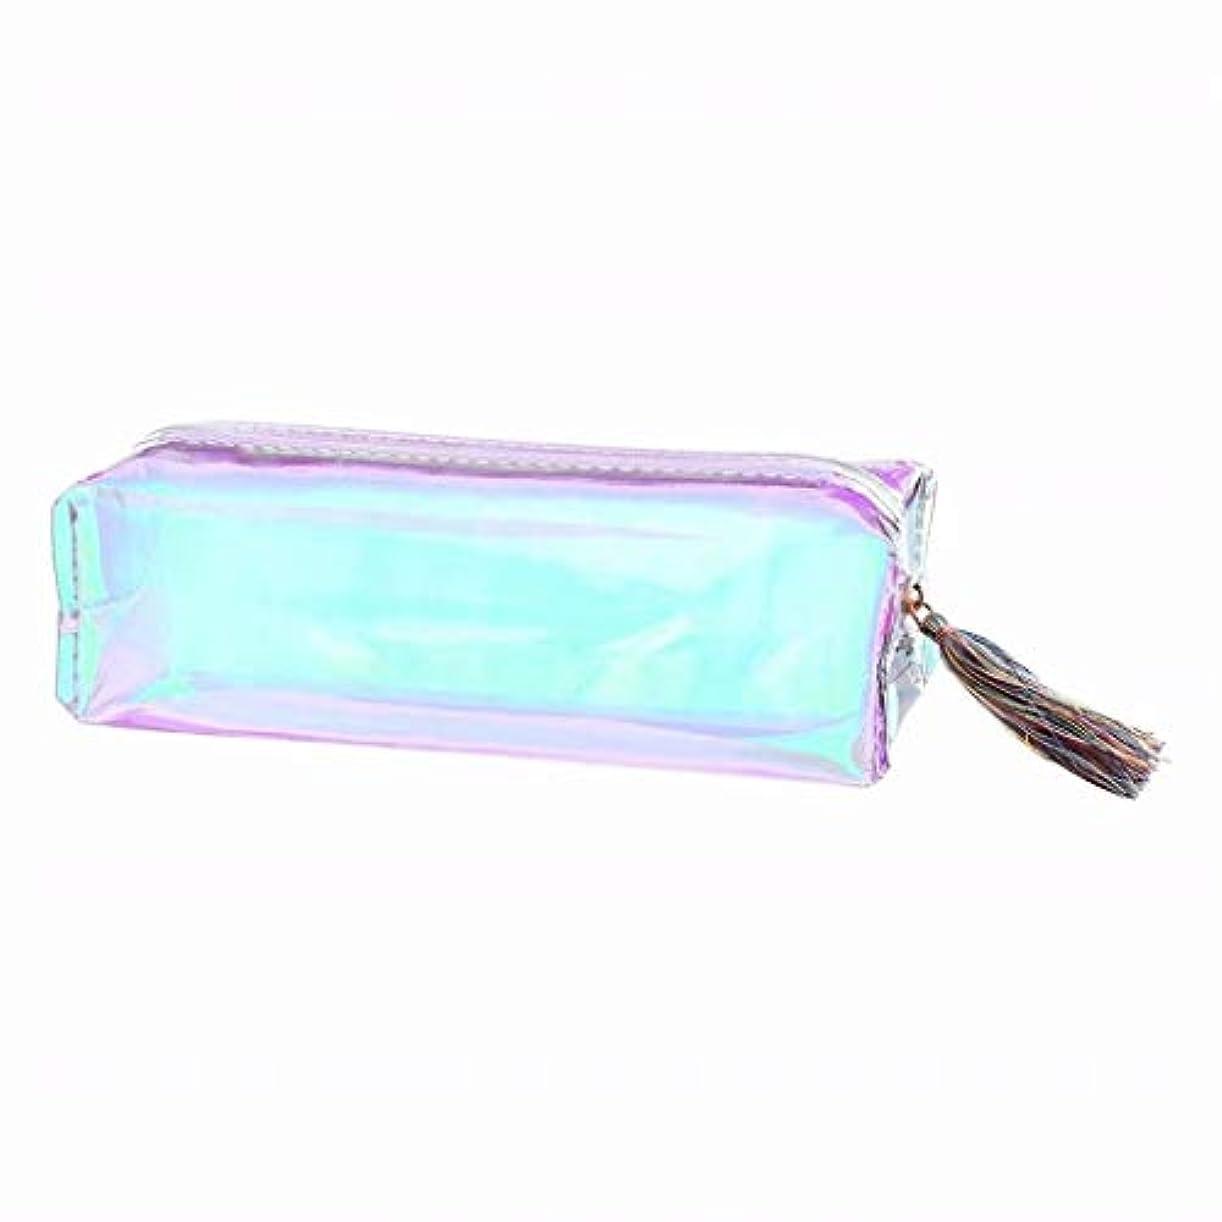 ケーブルカーおそらく単調な七里の香 大容量の文房具の鉛筆のペンケースの化粧品袋のジッパーの袋の財布